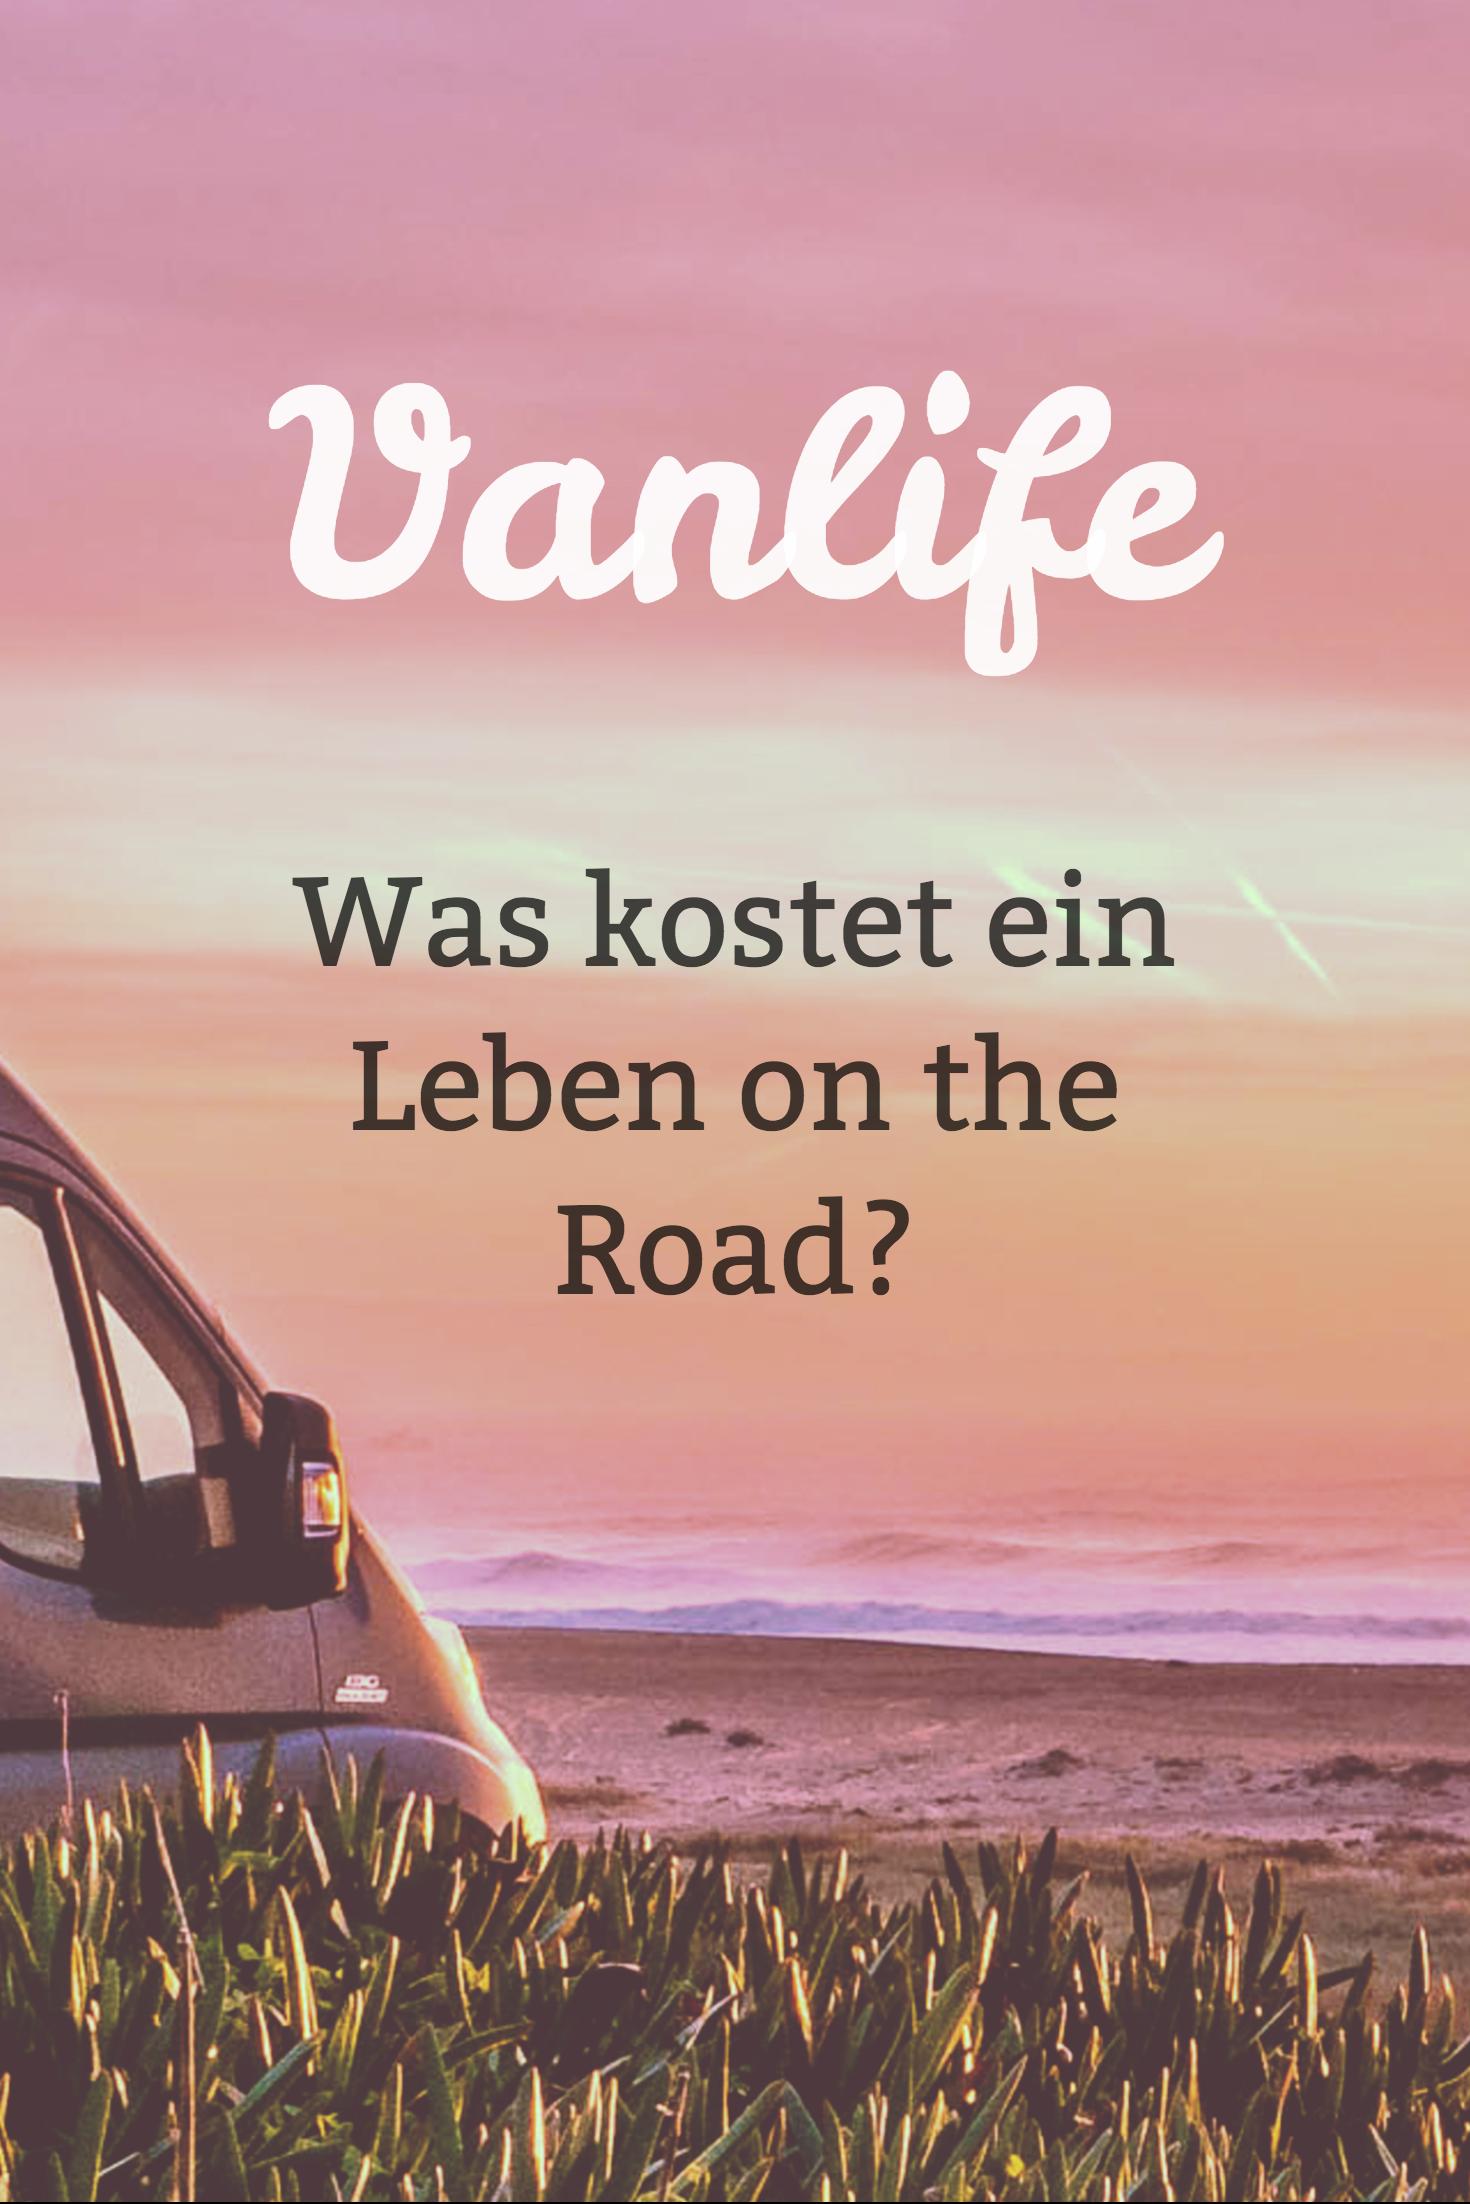 Vanlife Kosten on the Road | Wanderlust